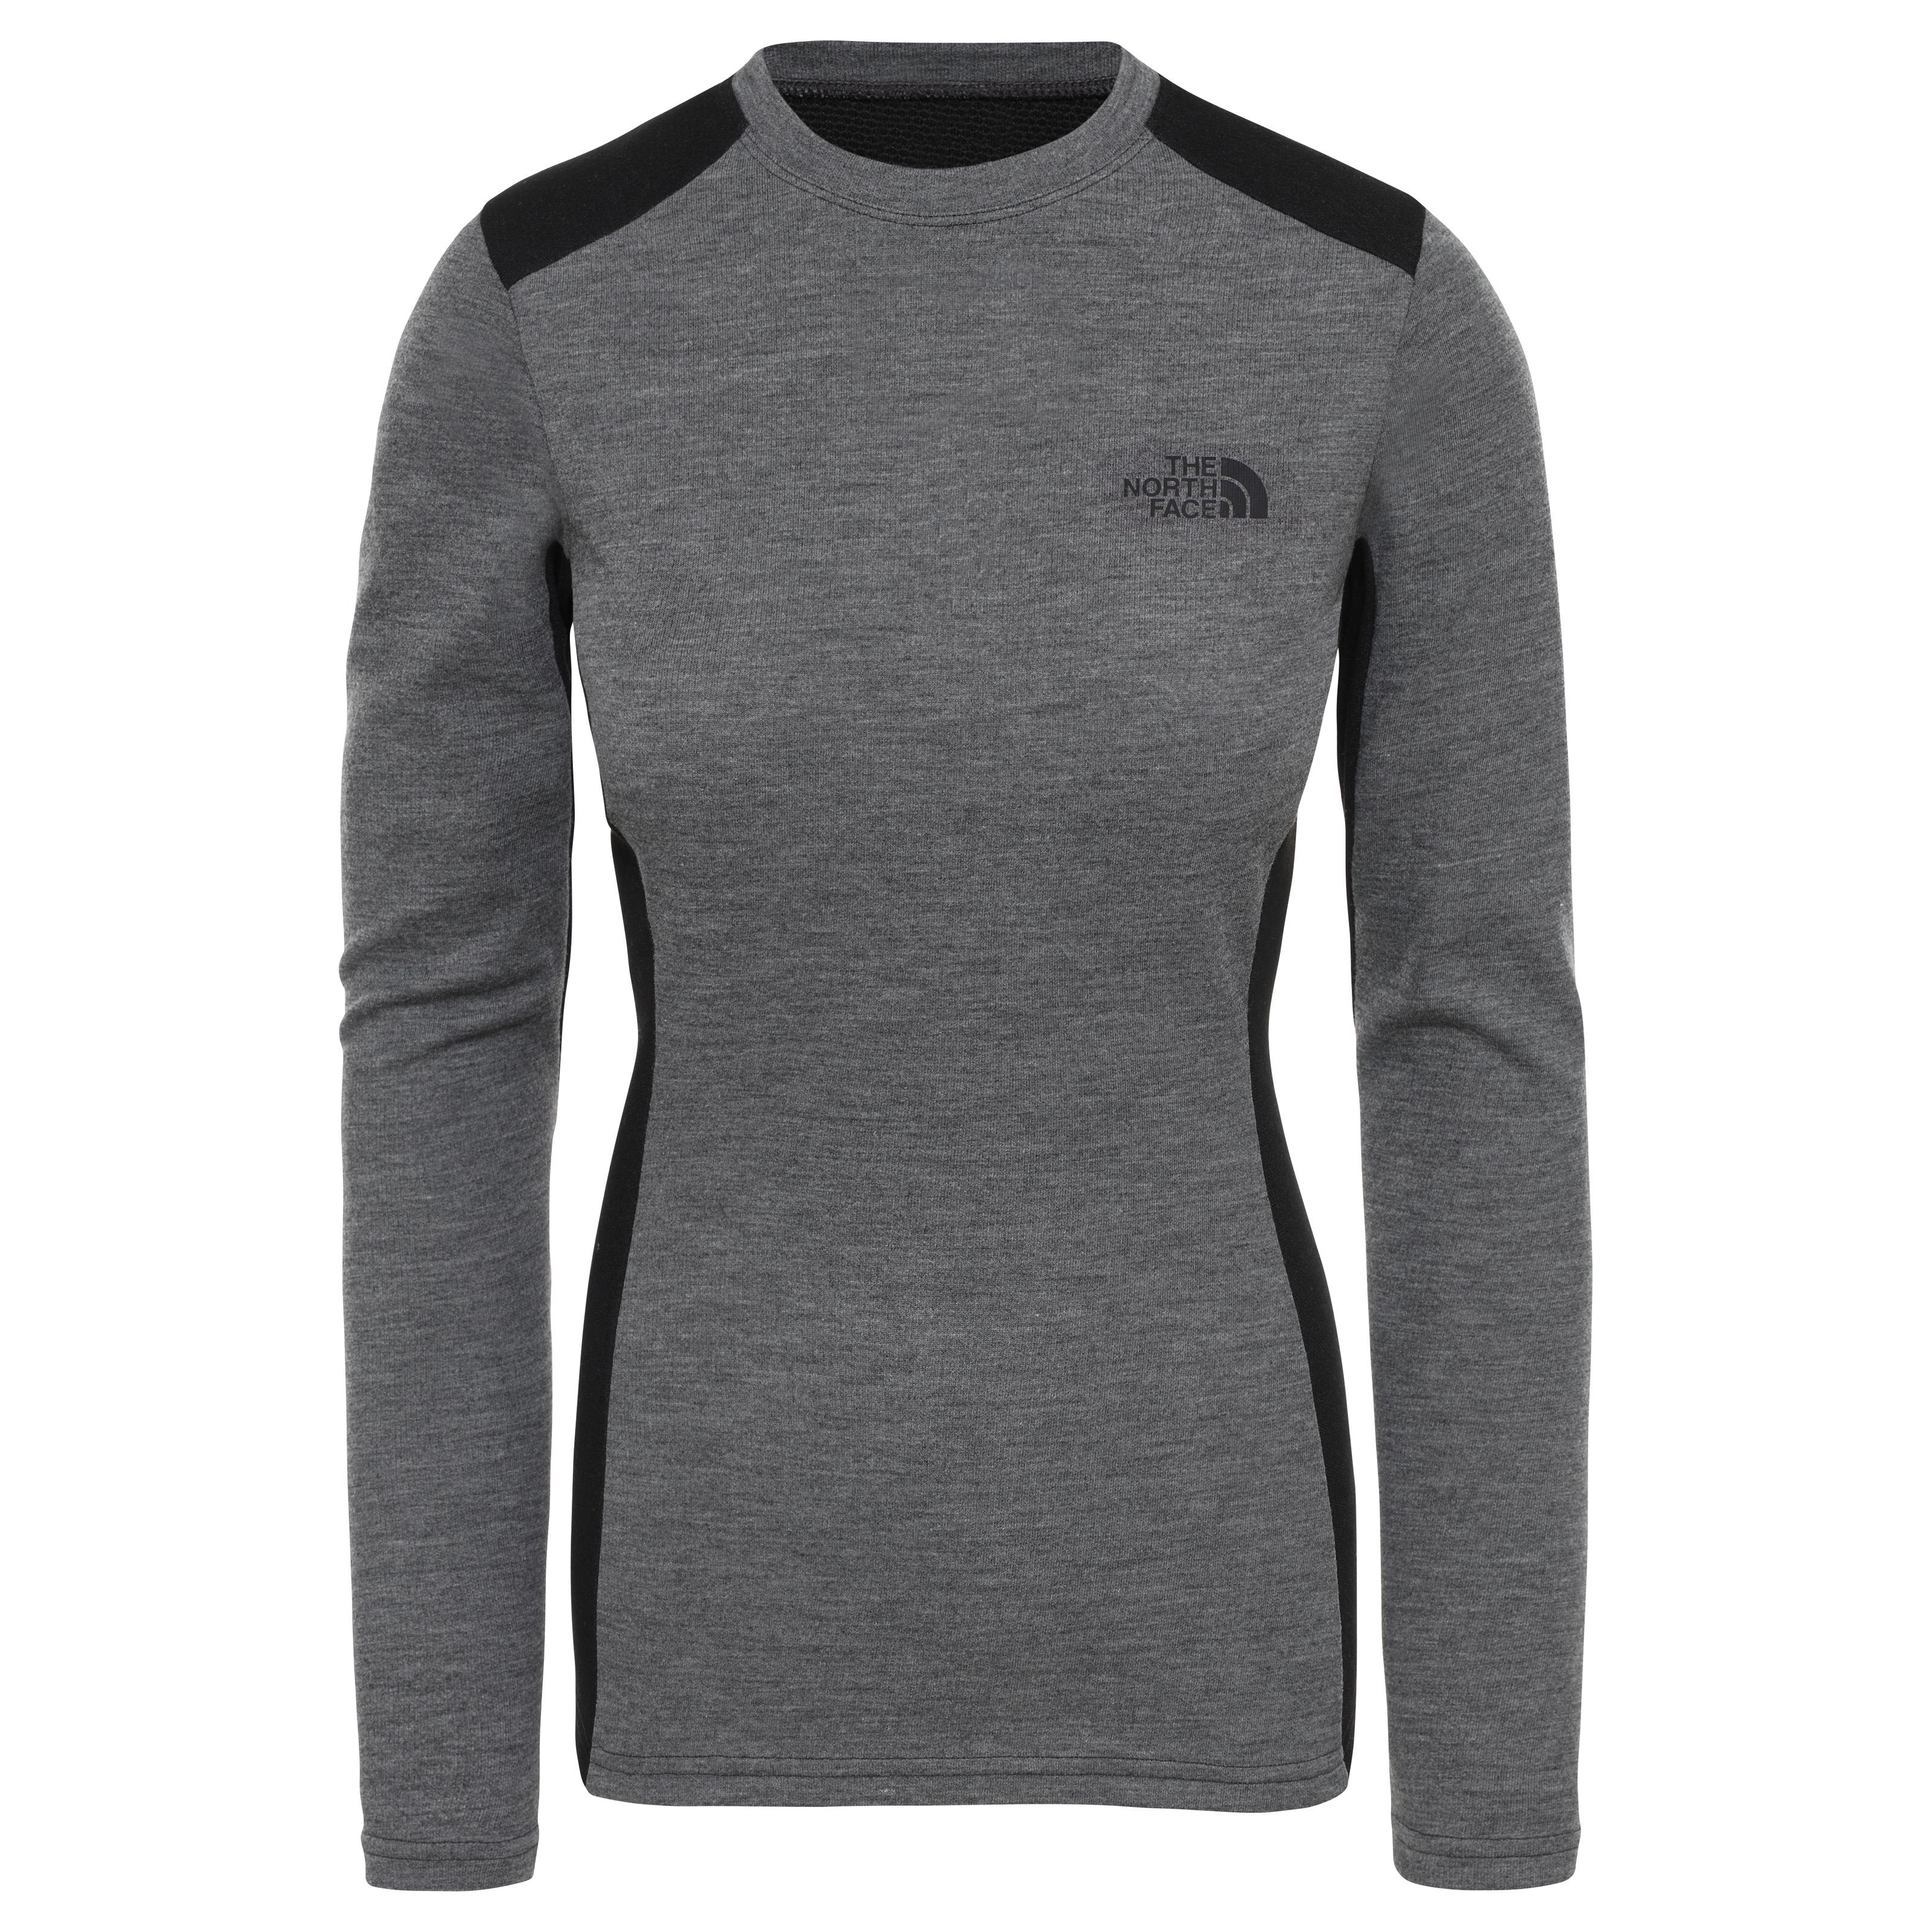 The North Face dámské funkční prádlo DÁMSKÉ FUNKČNÍ TRIČKO EASY S DLOUHÝM RUKÁVEM The North Face